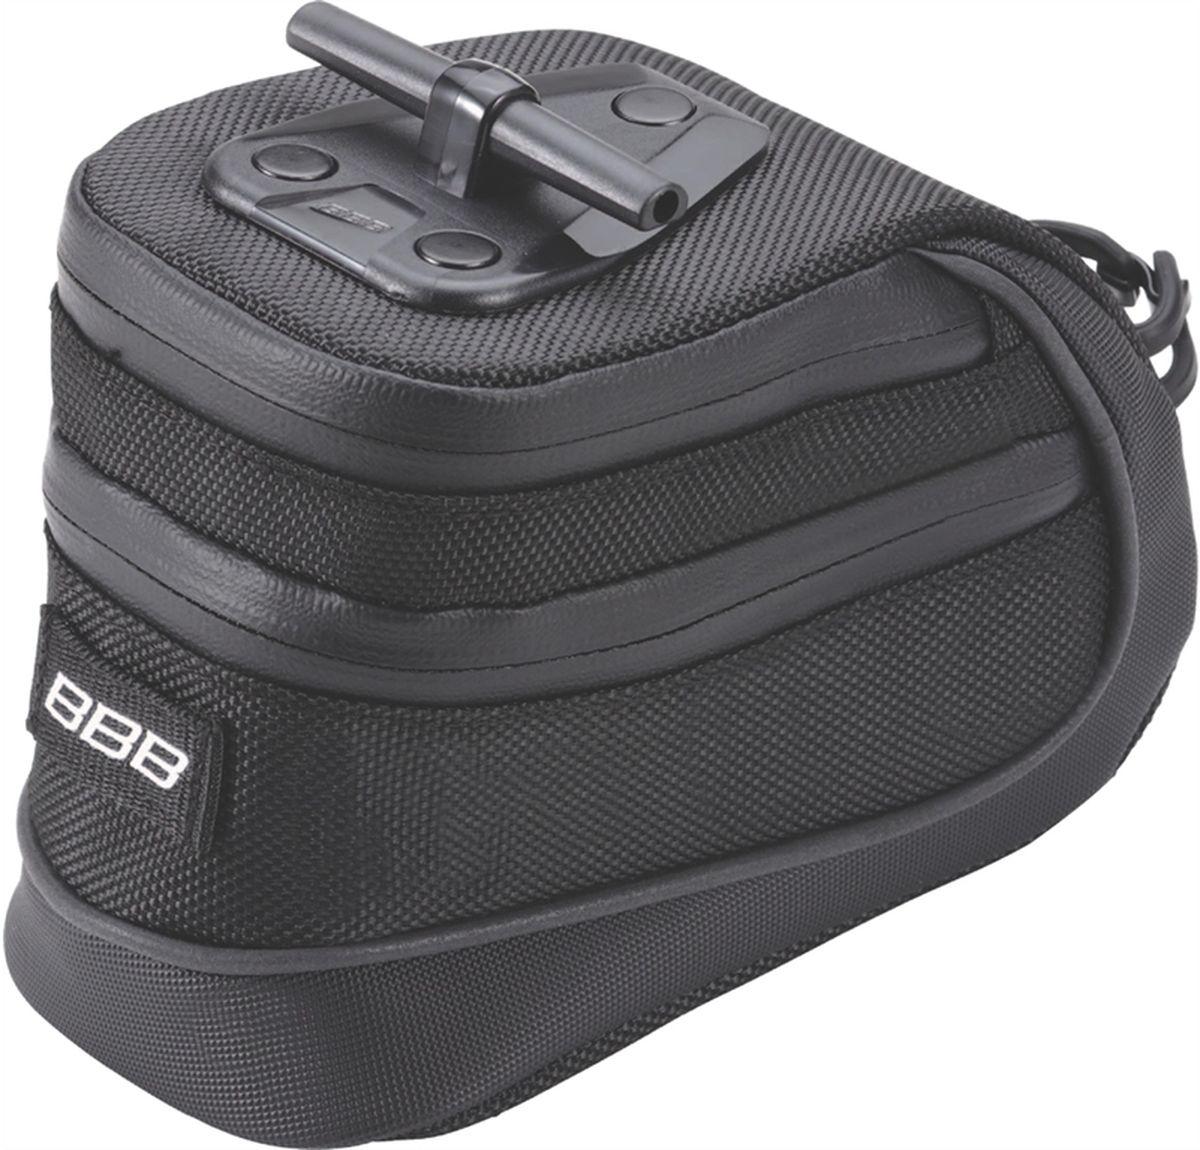 Велосумка под седло BBB StorePack, цвет: черный. Размер L велосумка под седло bbb curvepack цвет черный размер m